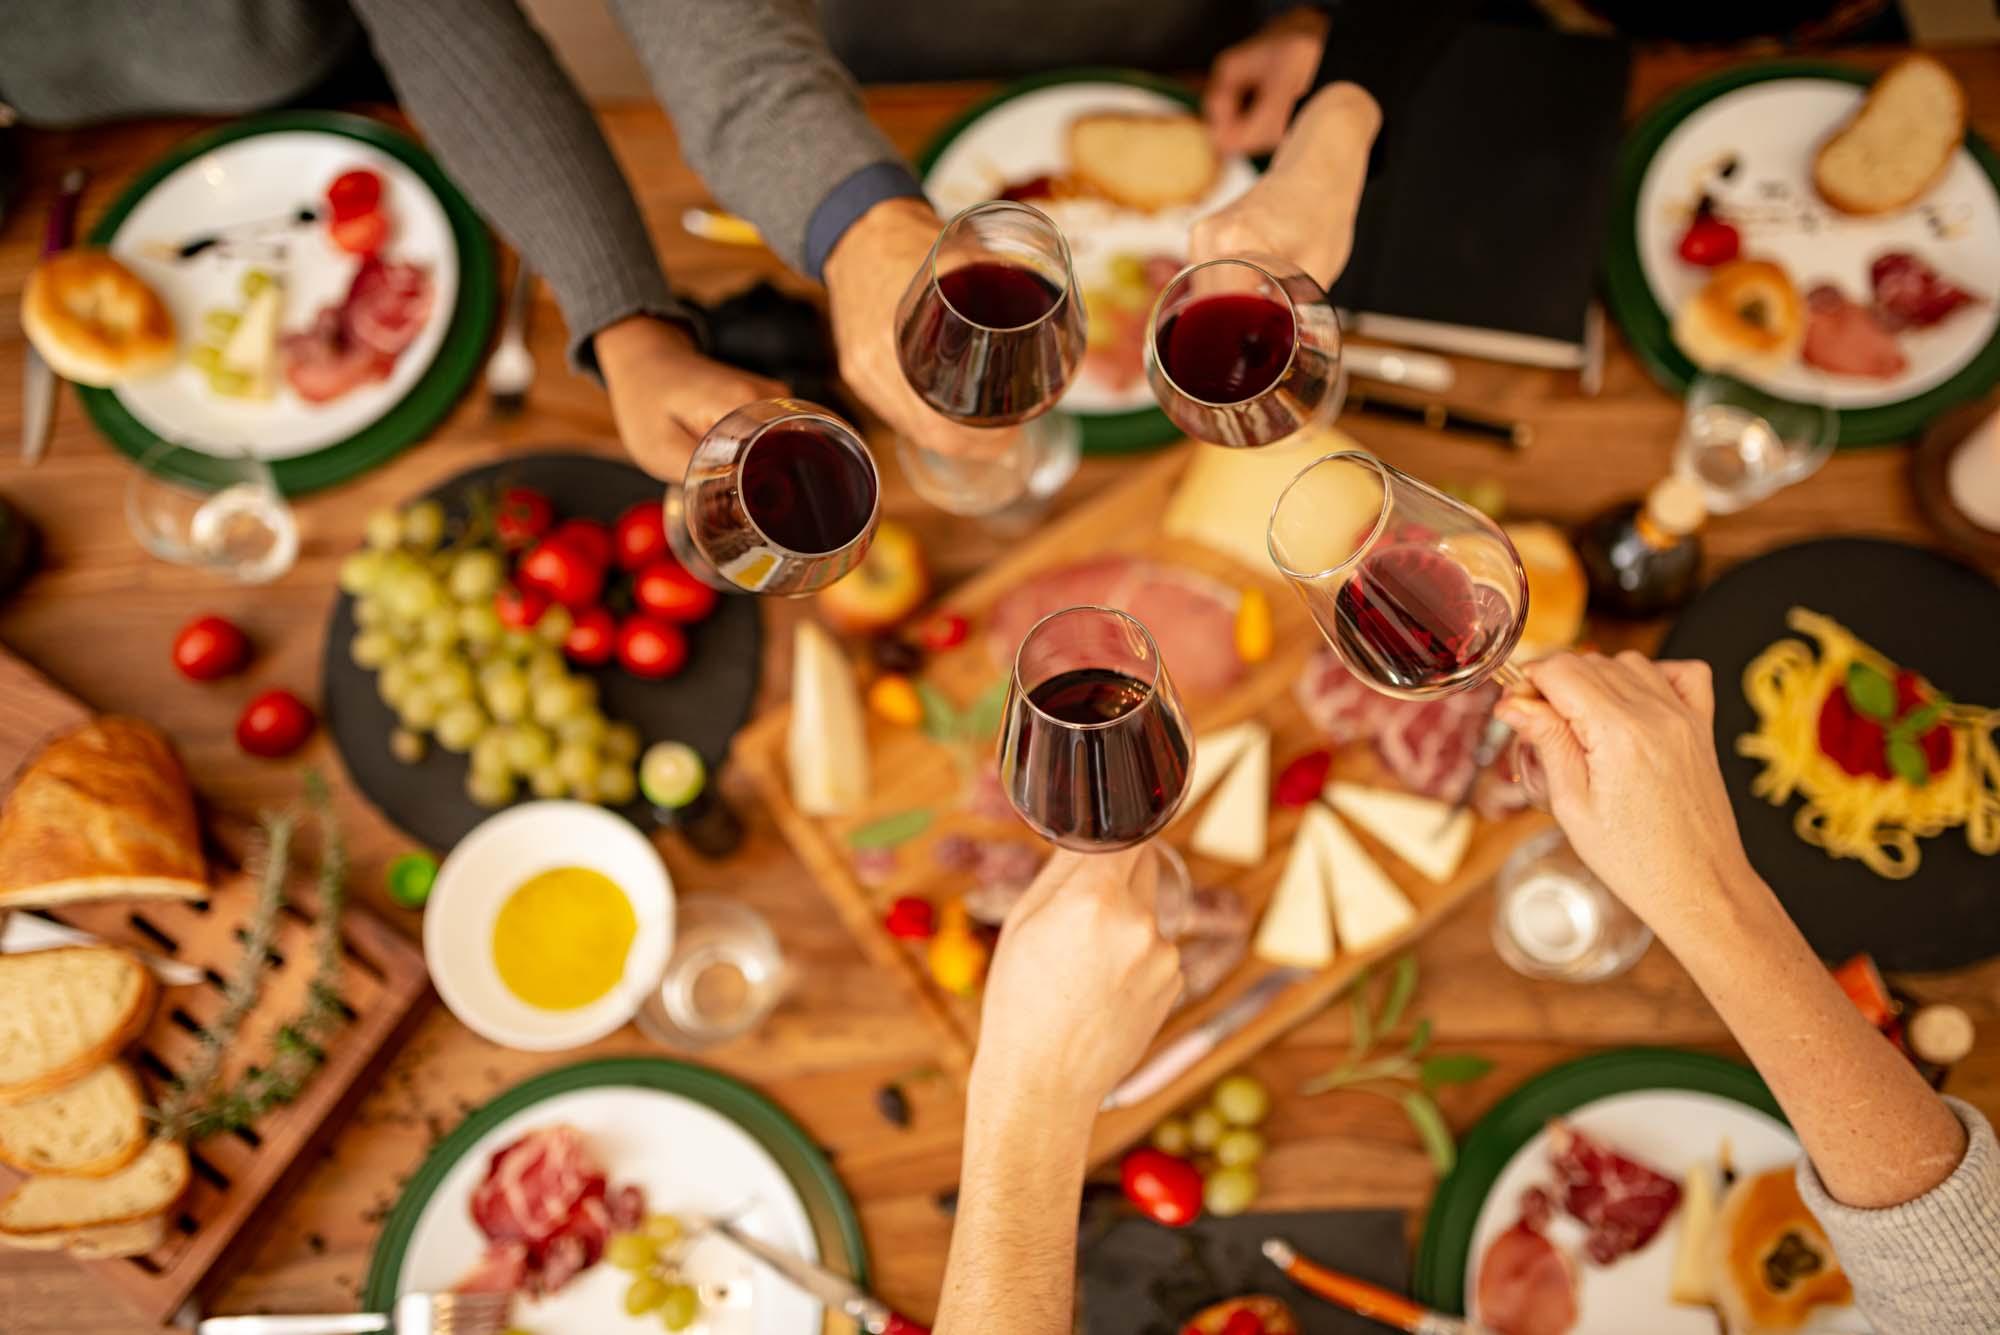 Cucina Amatoriale Formazione Manageriale a Terni